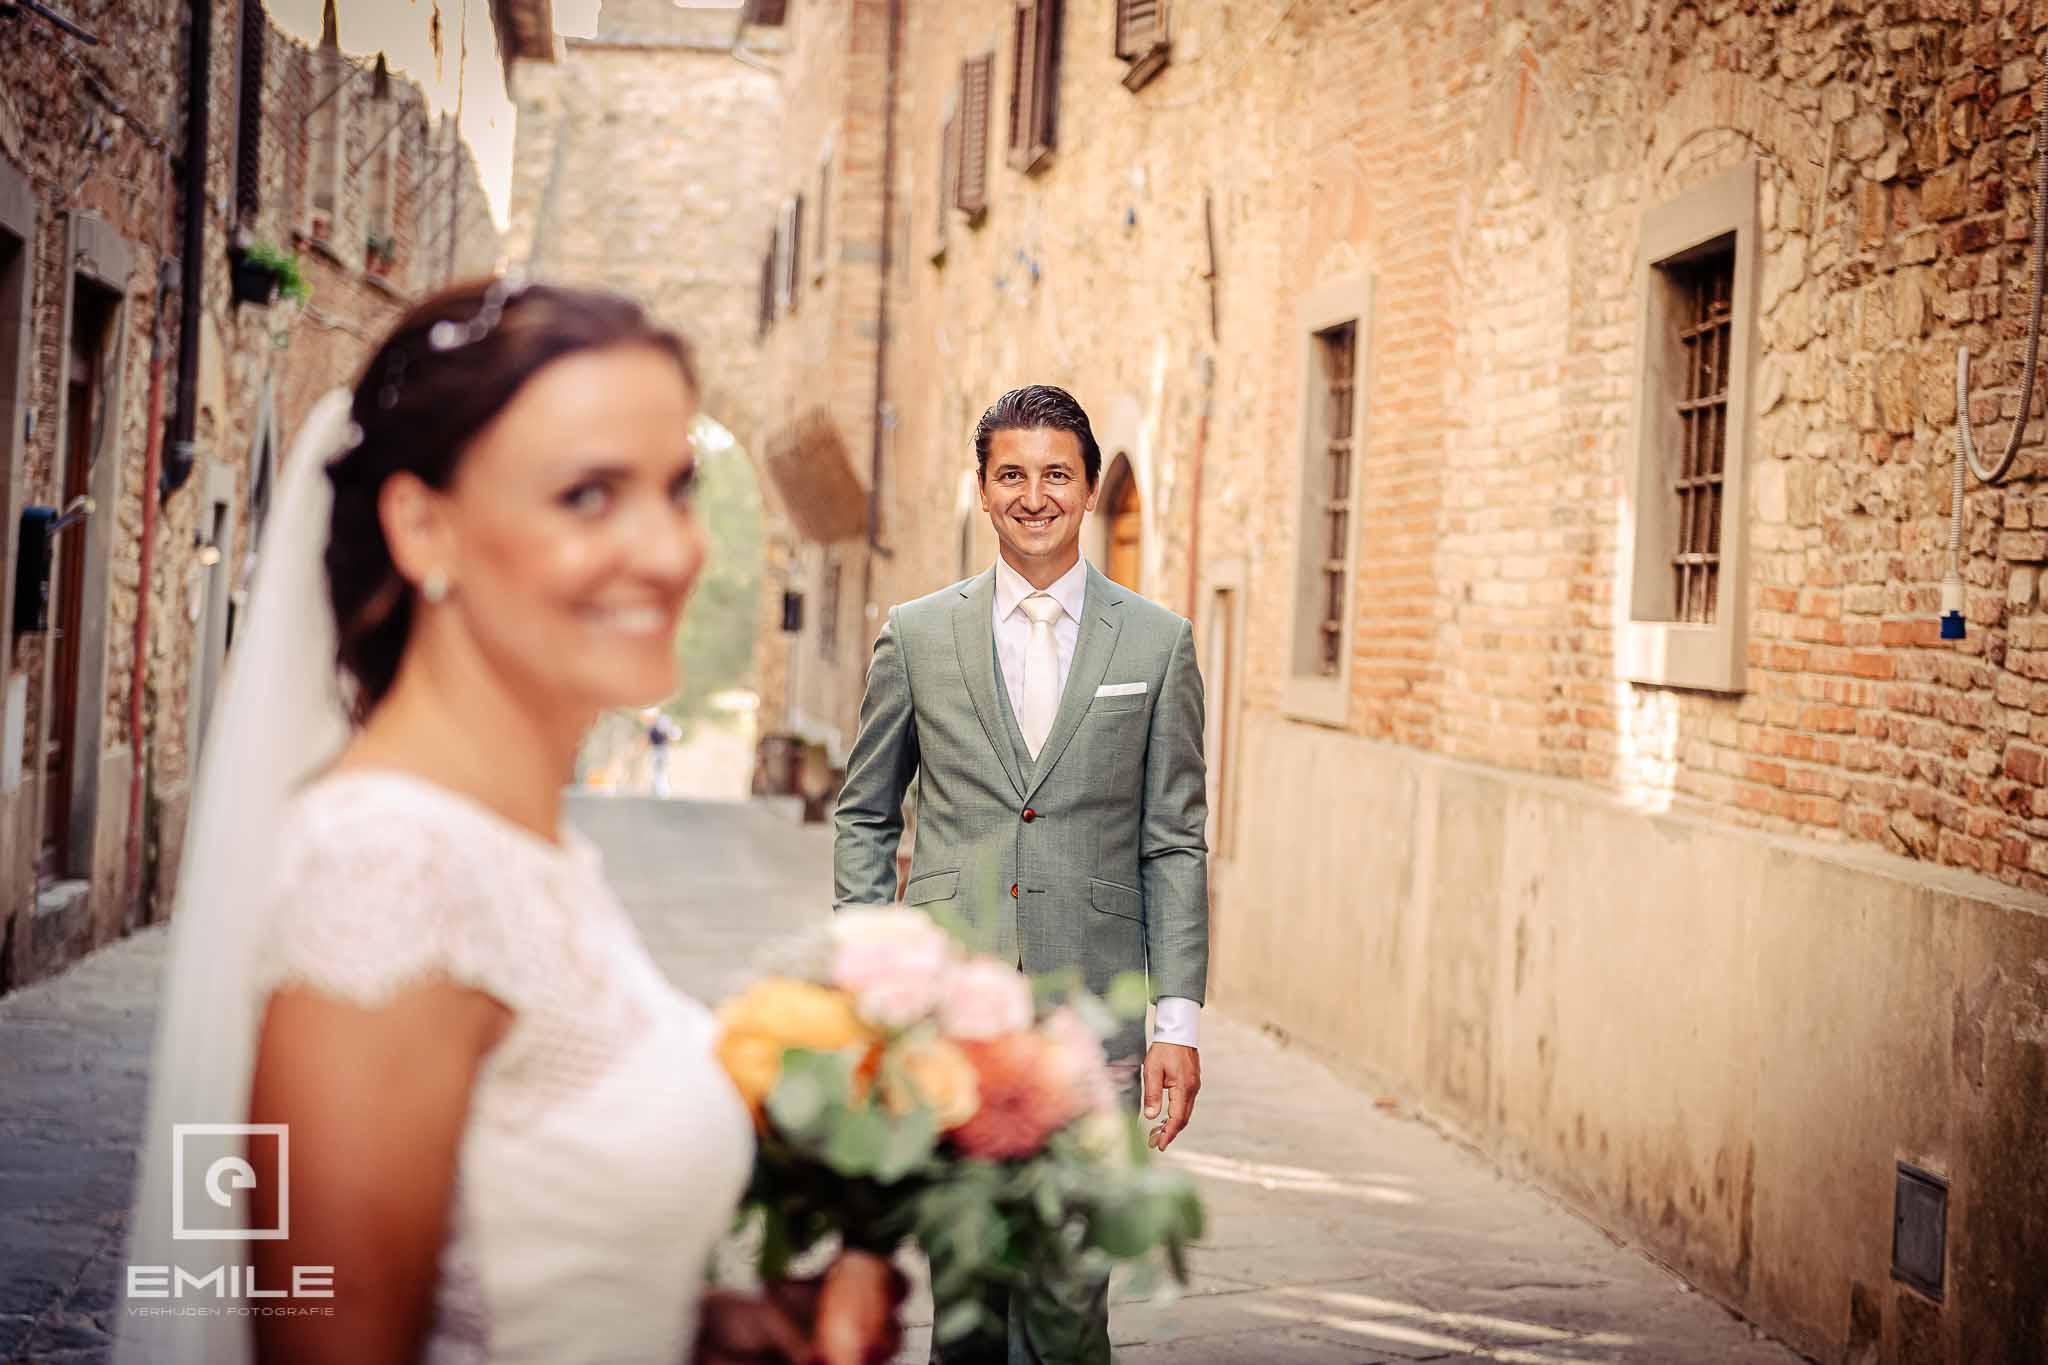 Scherpte diepte foto met bruidegom in beeld - Destination wedding San Gimignano - Toscane Italie - Iris en Job